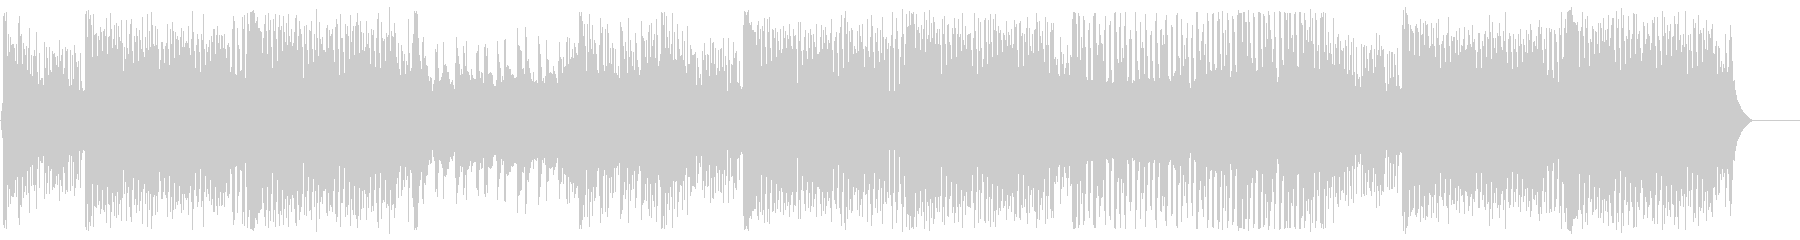 和風EDM・アップテンポな三味線の未再生の波形